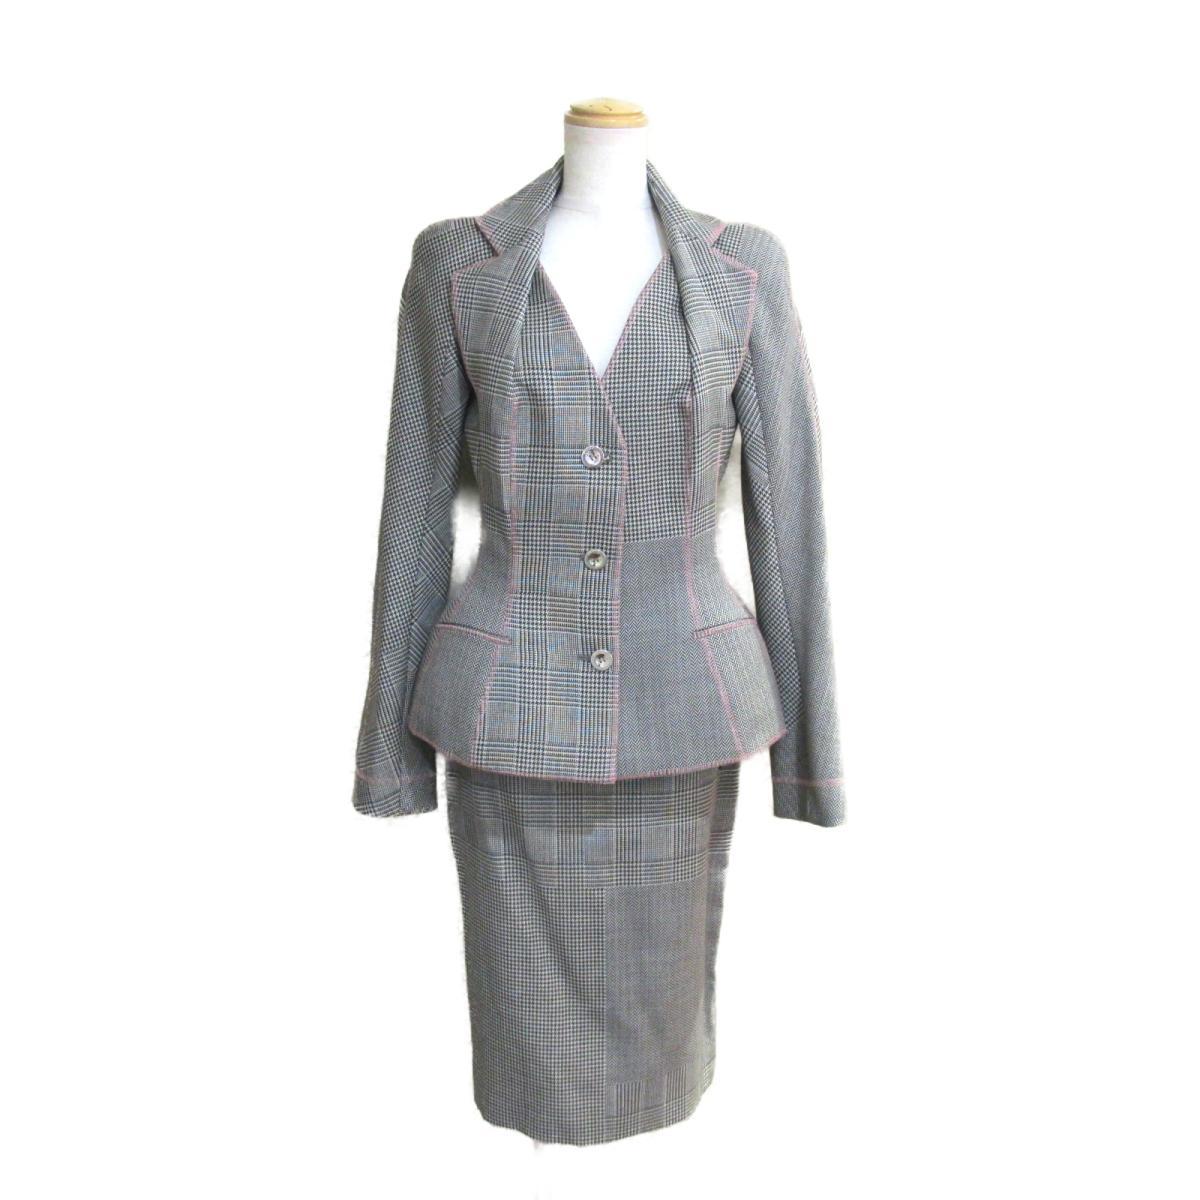 【中古】 クリスチャン・ディオール スーツ レディース ウール ホワイト x ブラック ピンク | Dior BRANDOFF ブランドオフ 衣料品 衣類 ブランド